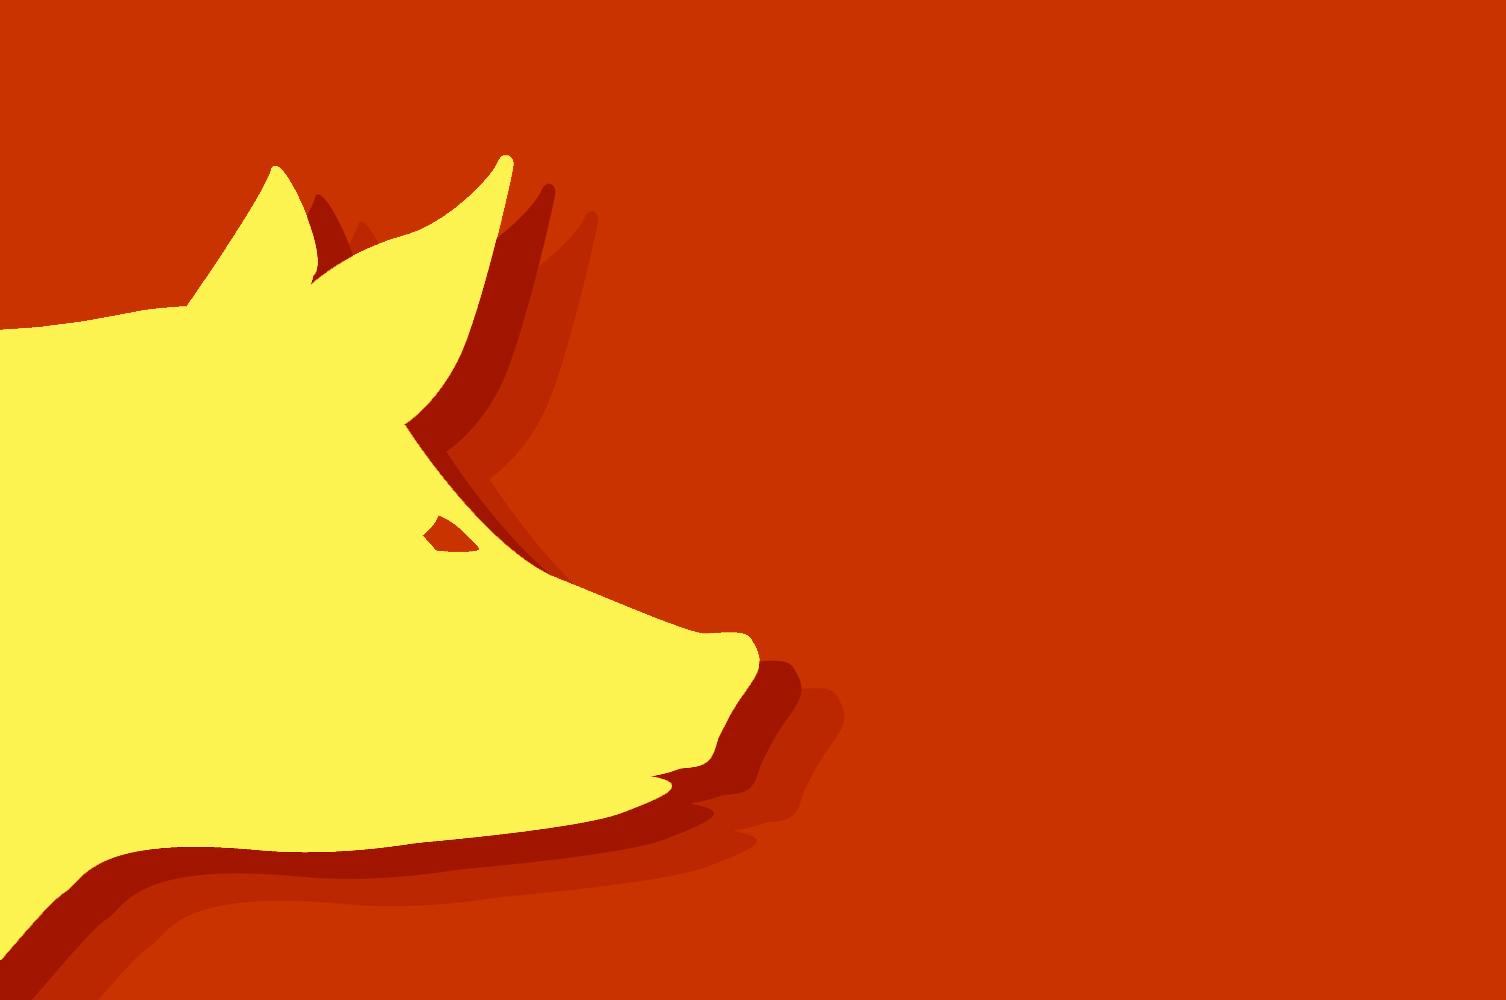 шаблон свиньи для открытки на Новый год 2019